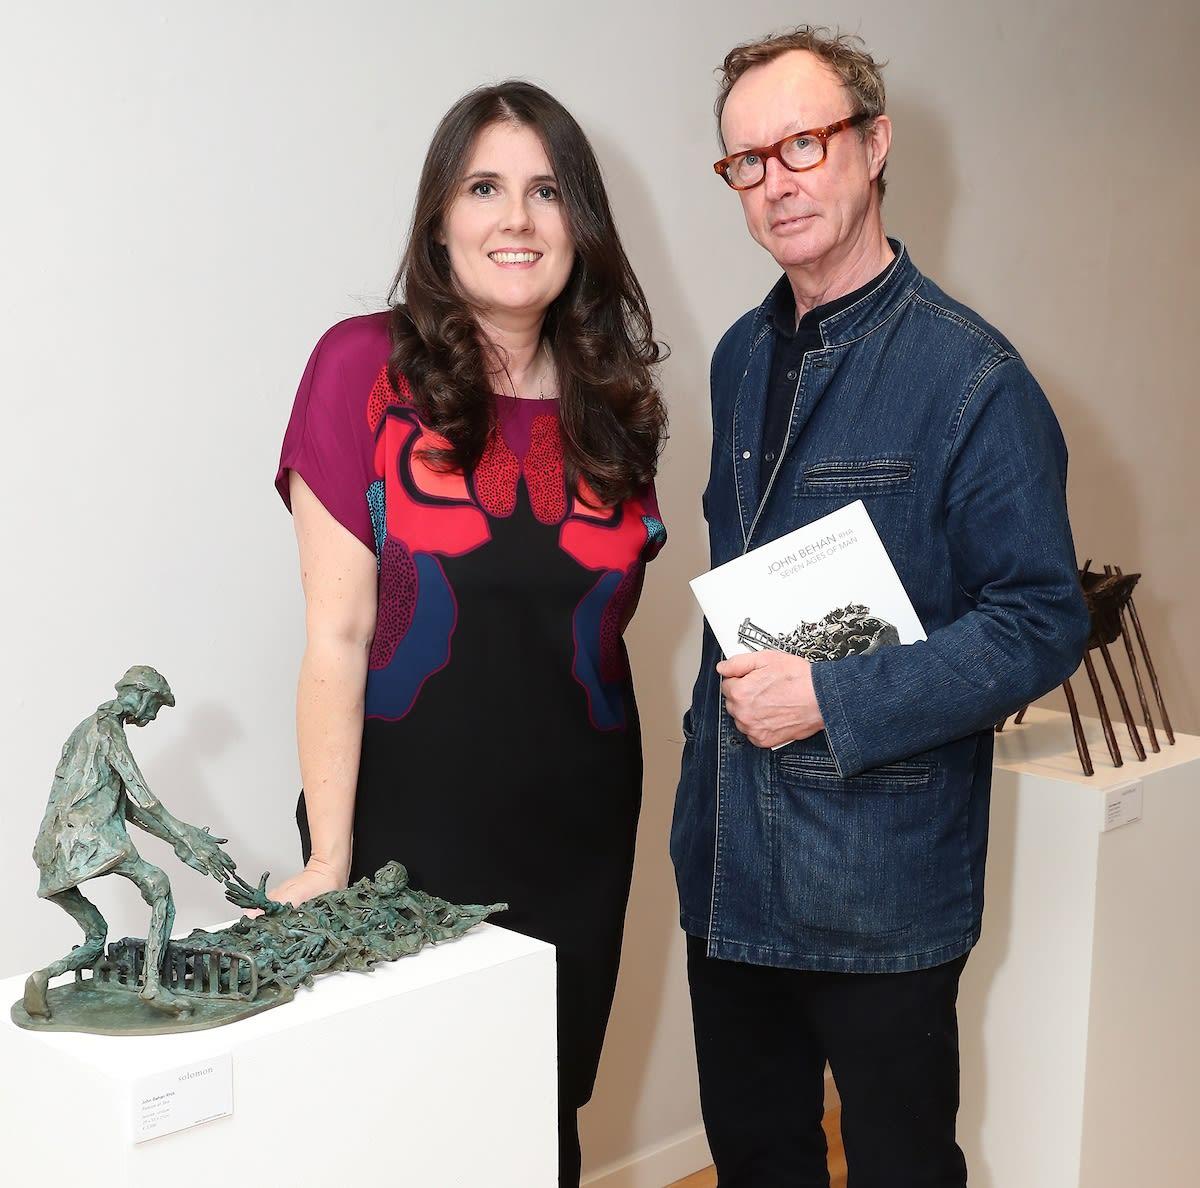 Tara Murphy & Mick O'Dea PPRHA